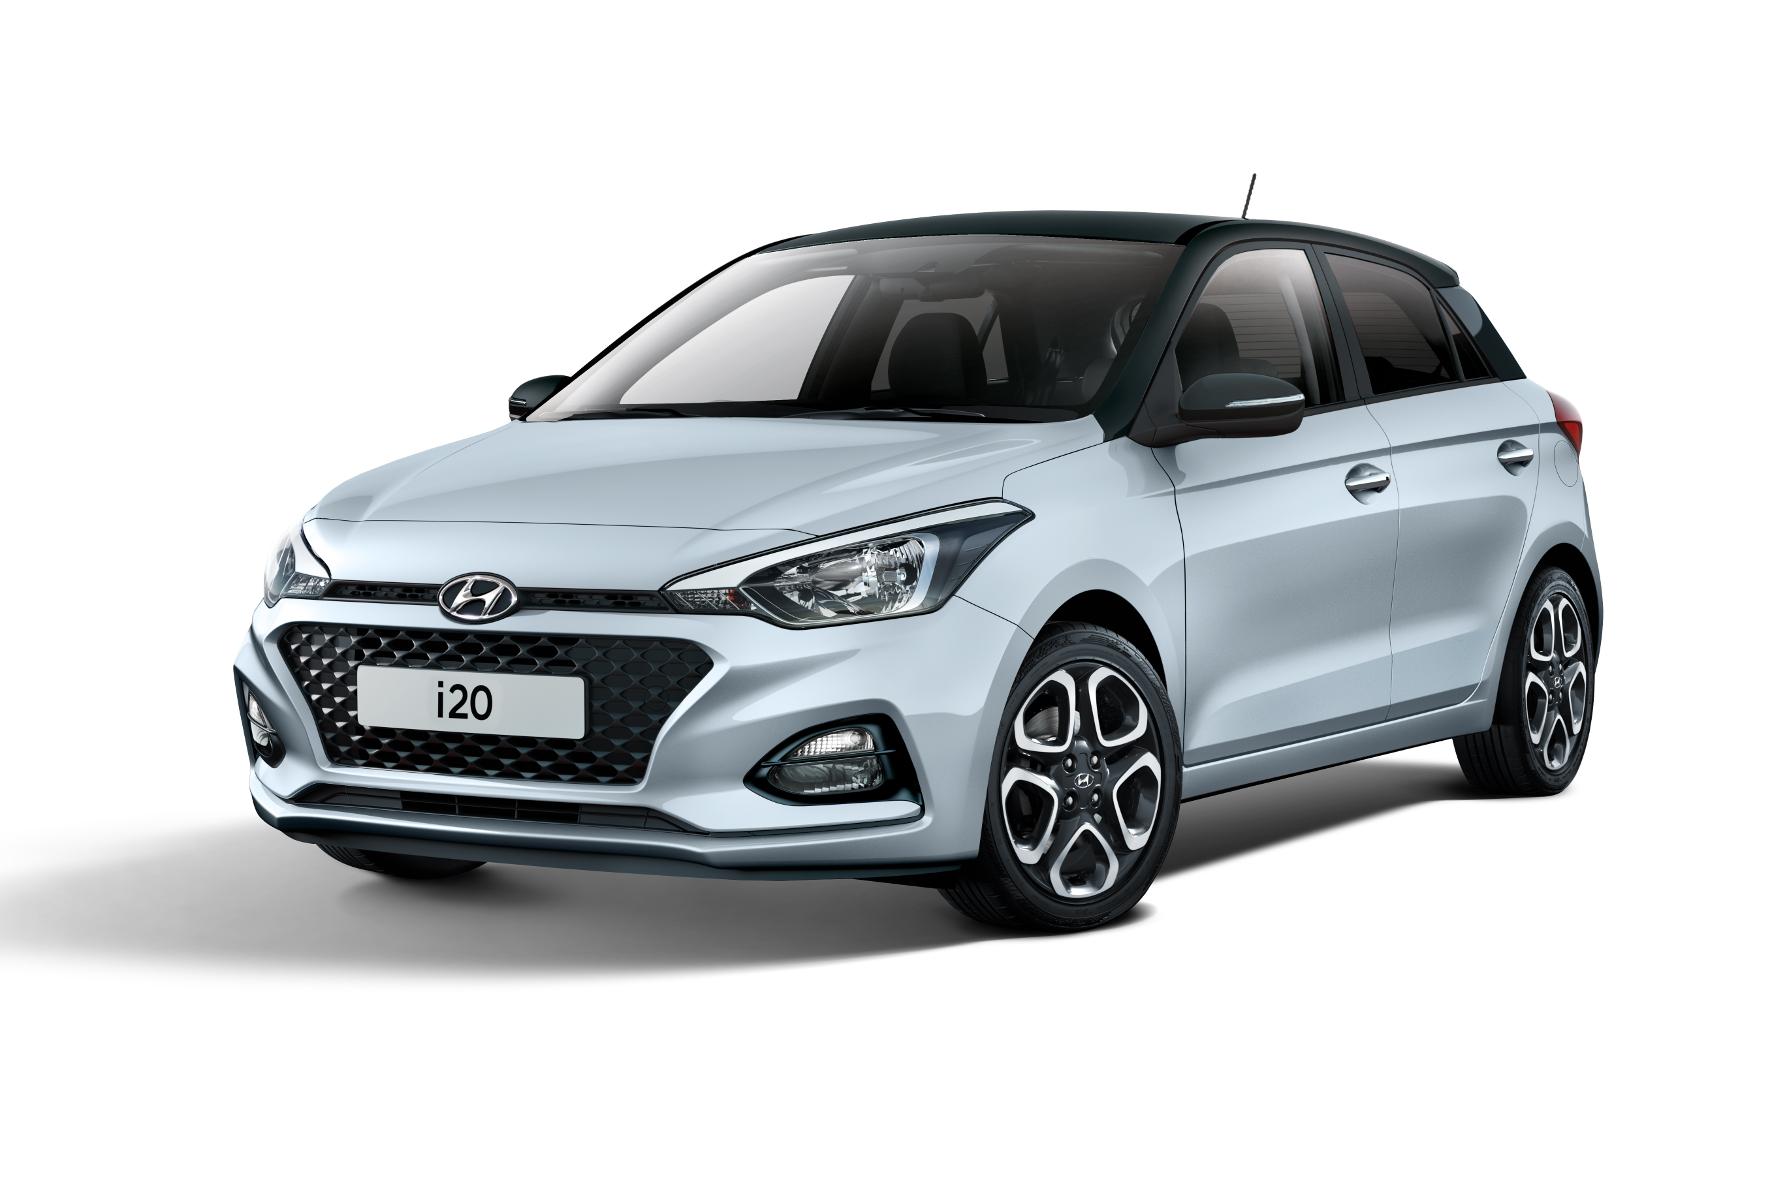 mid Groß-Gerau - Der kleine Hyundai i20 besitzt als Sondermodell